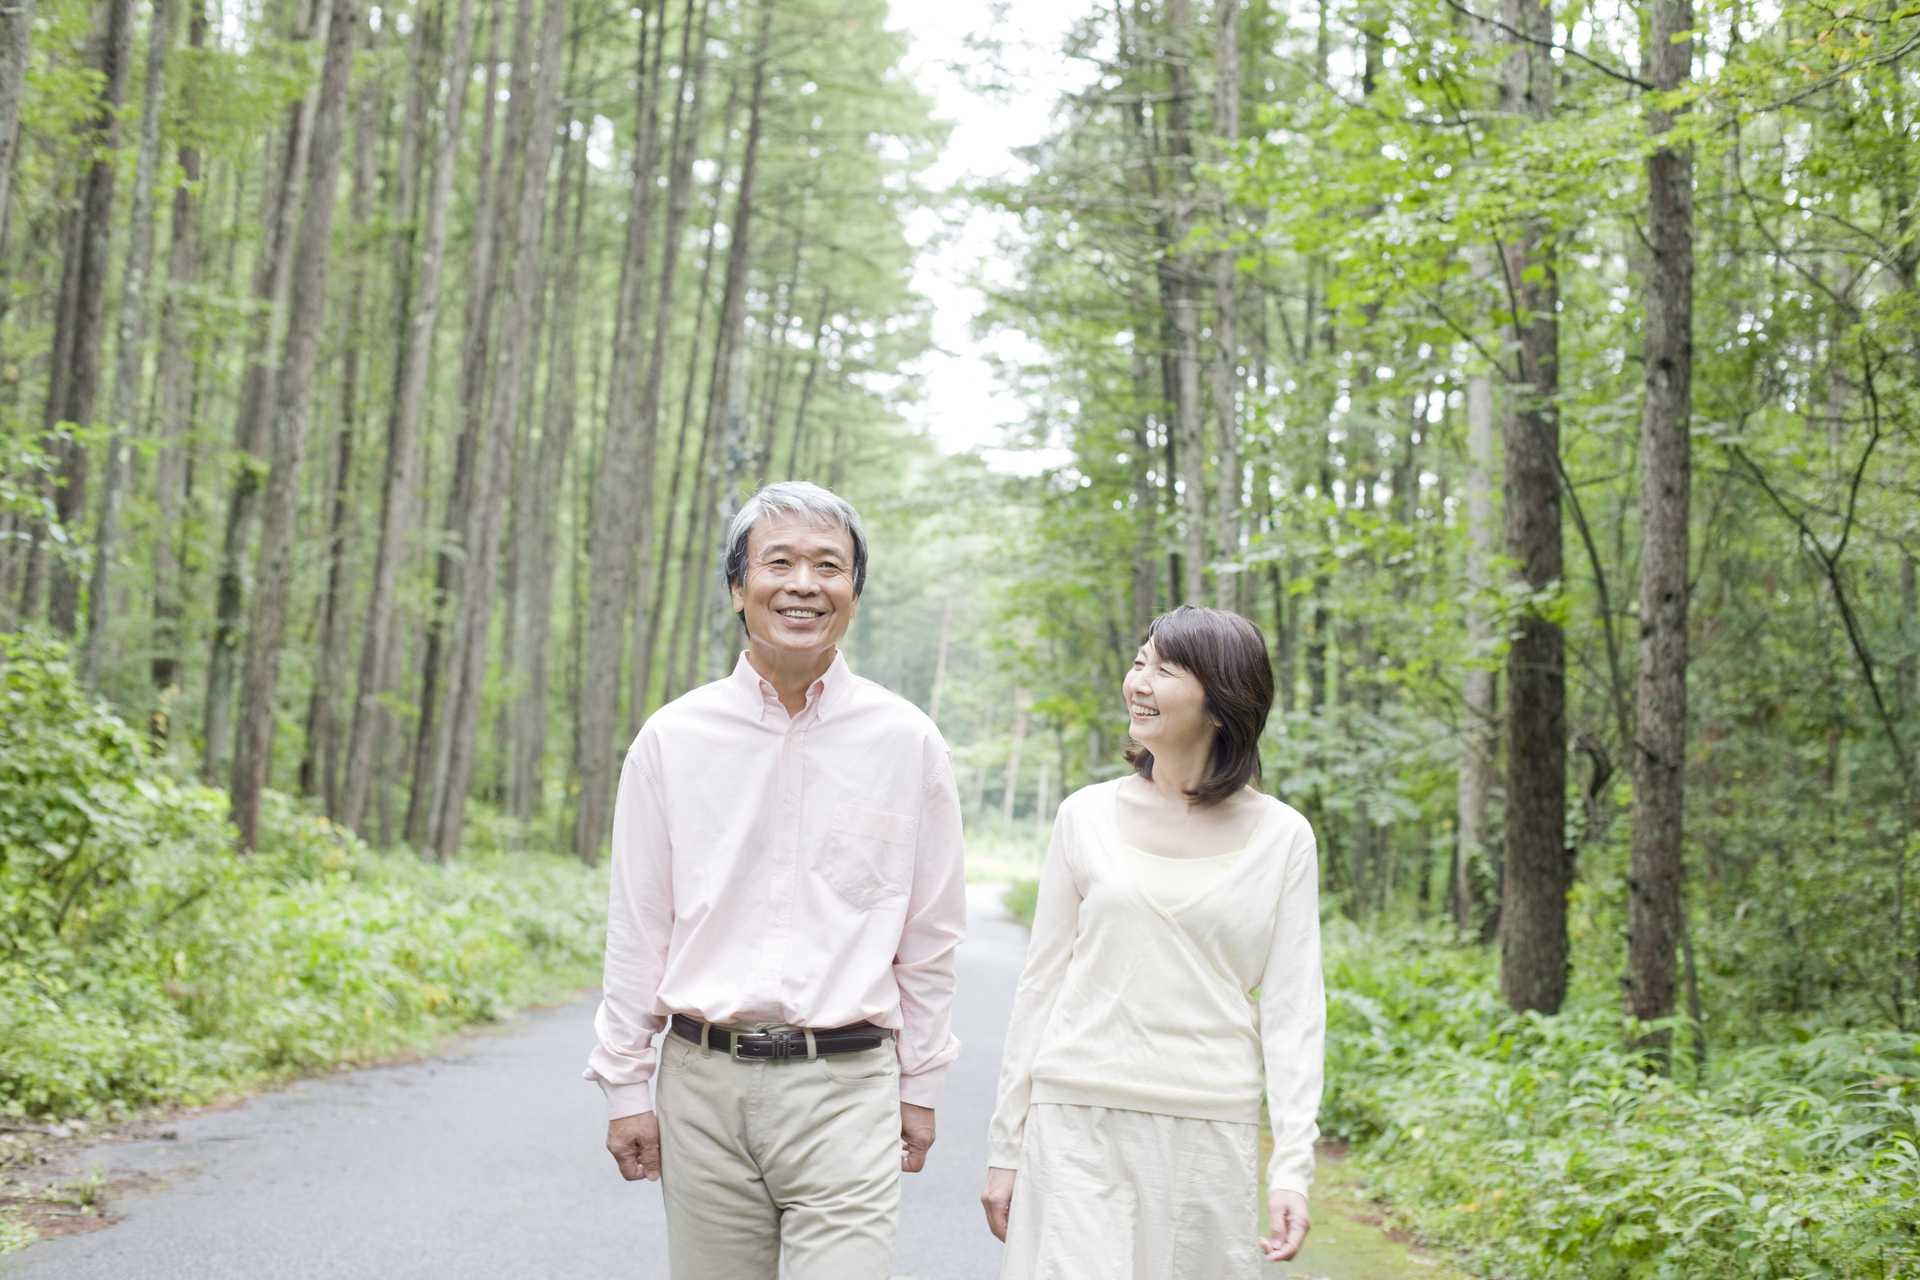 外を歩くだけで、自然と免疫力が上がる。 | 健康のためになる30の散歩術